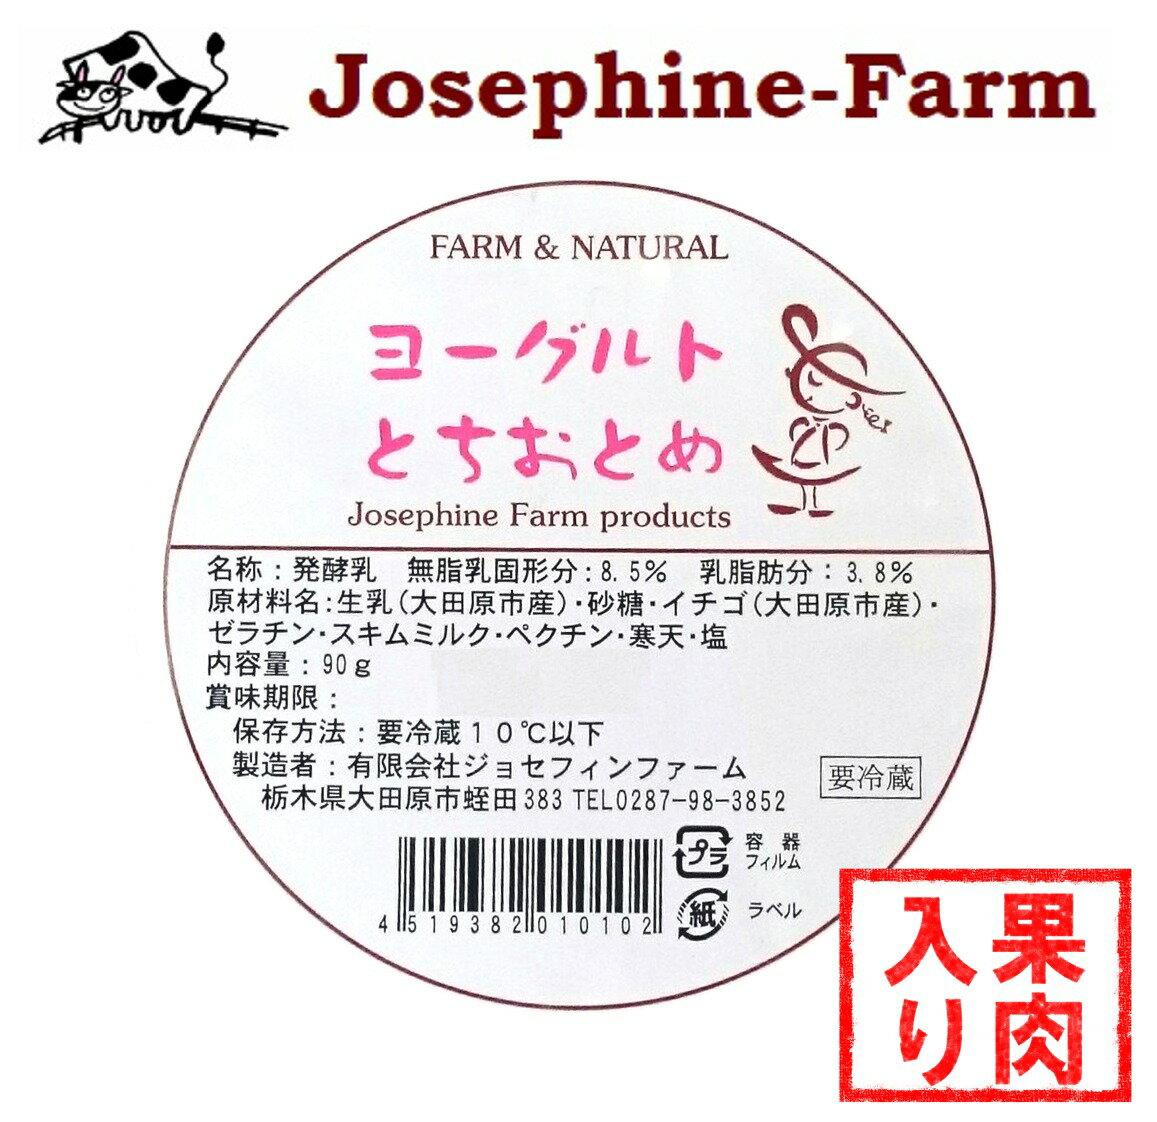 ジョセフィンファーム ヨーグルト とちおとめ カップ 90g